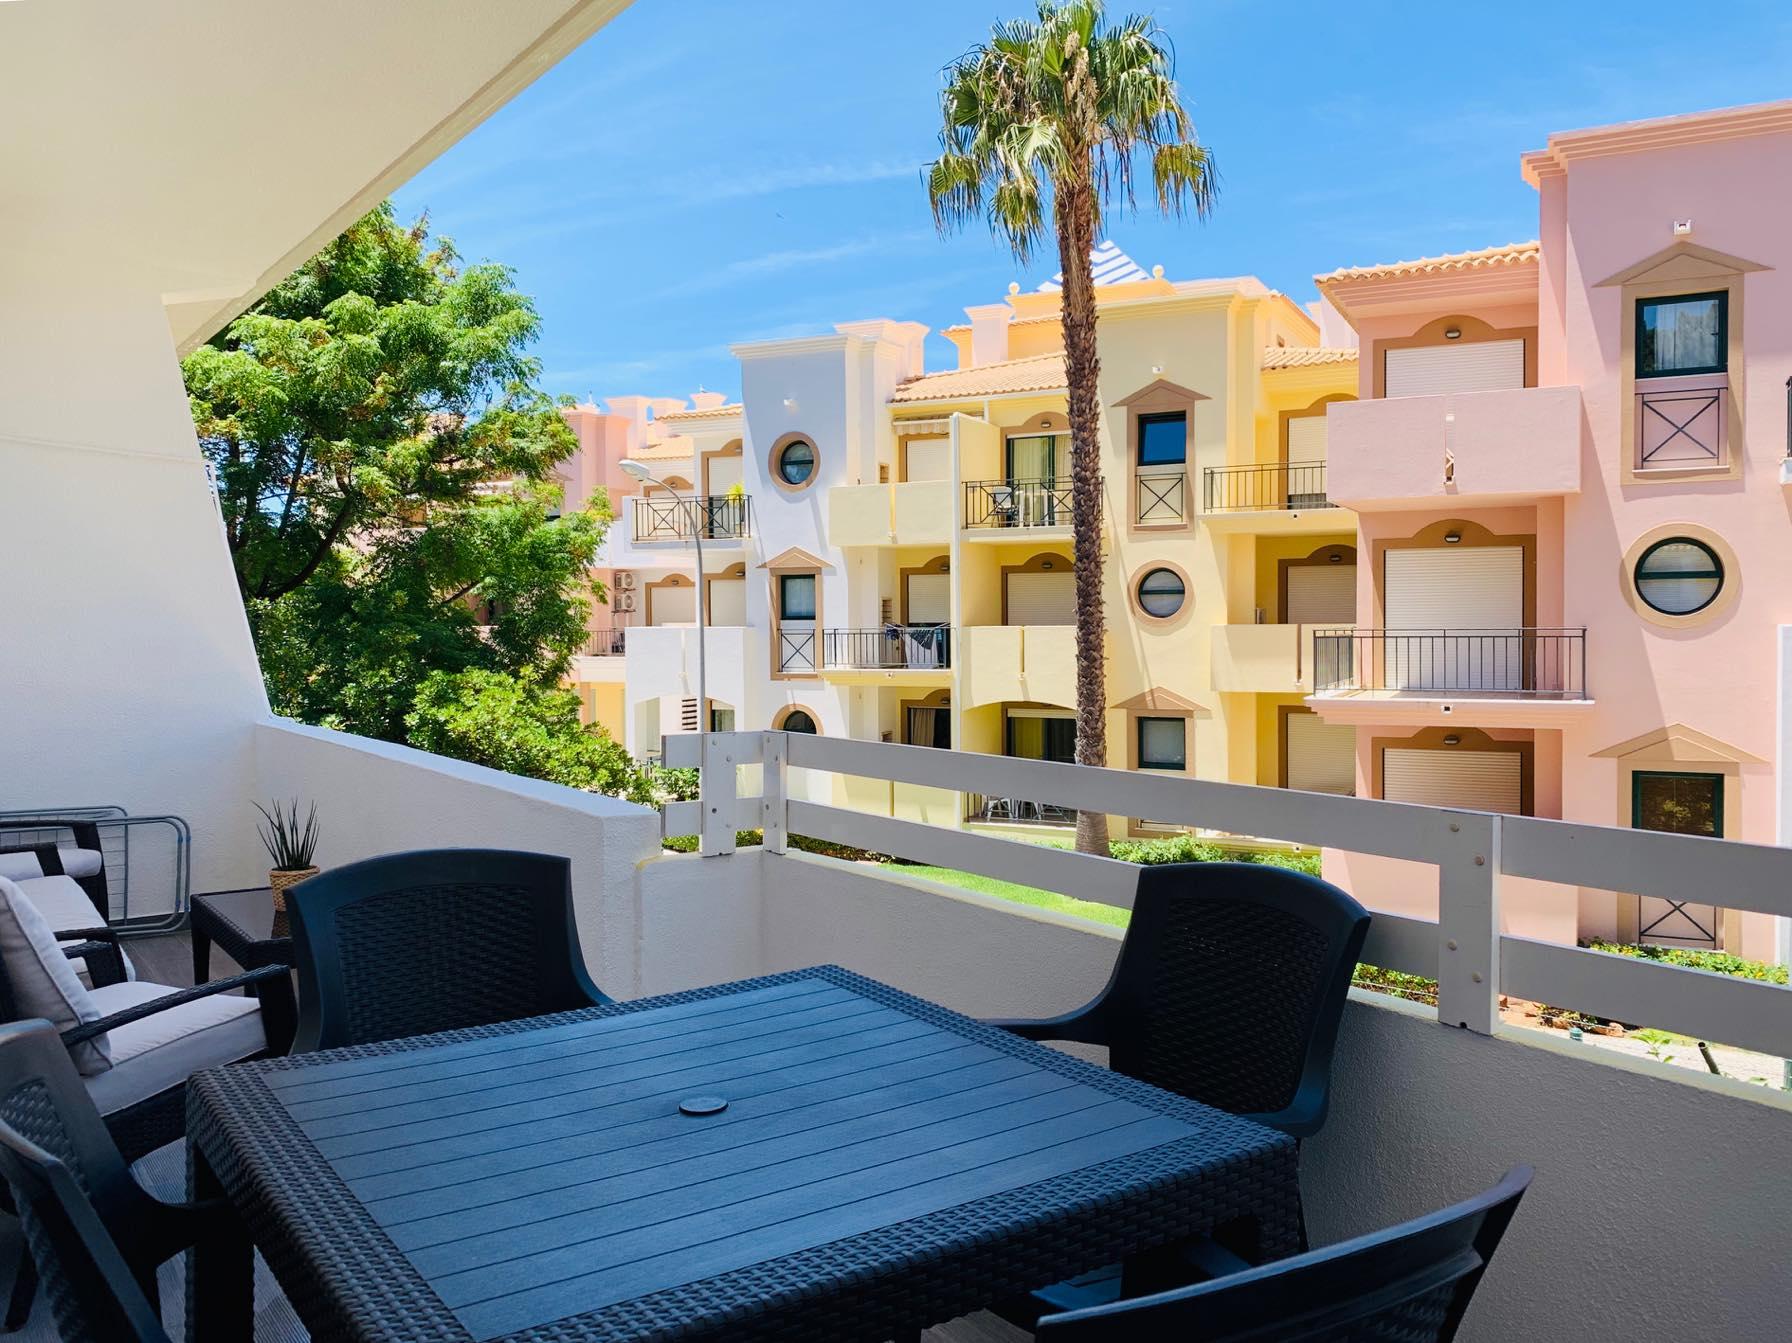 Location appartements et villas de vacance, T2 Vilamoura Nautilus à Quarteira, Portugal Algarve, REF_IMG_13662_13668